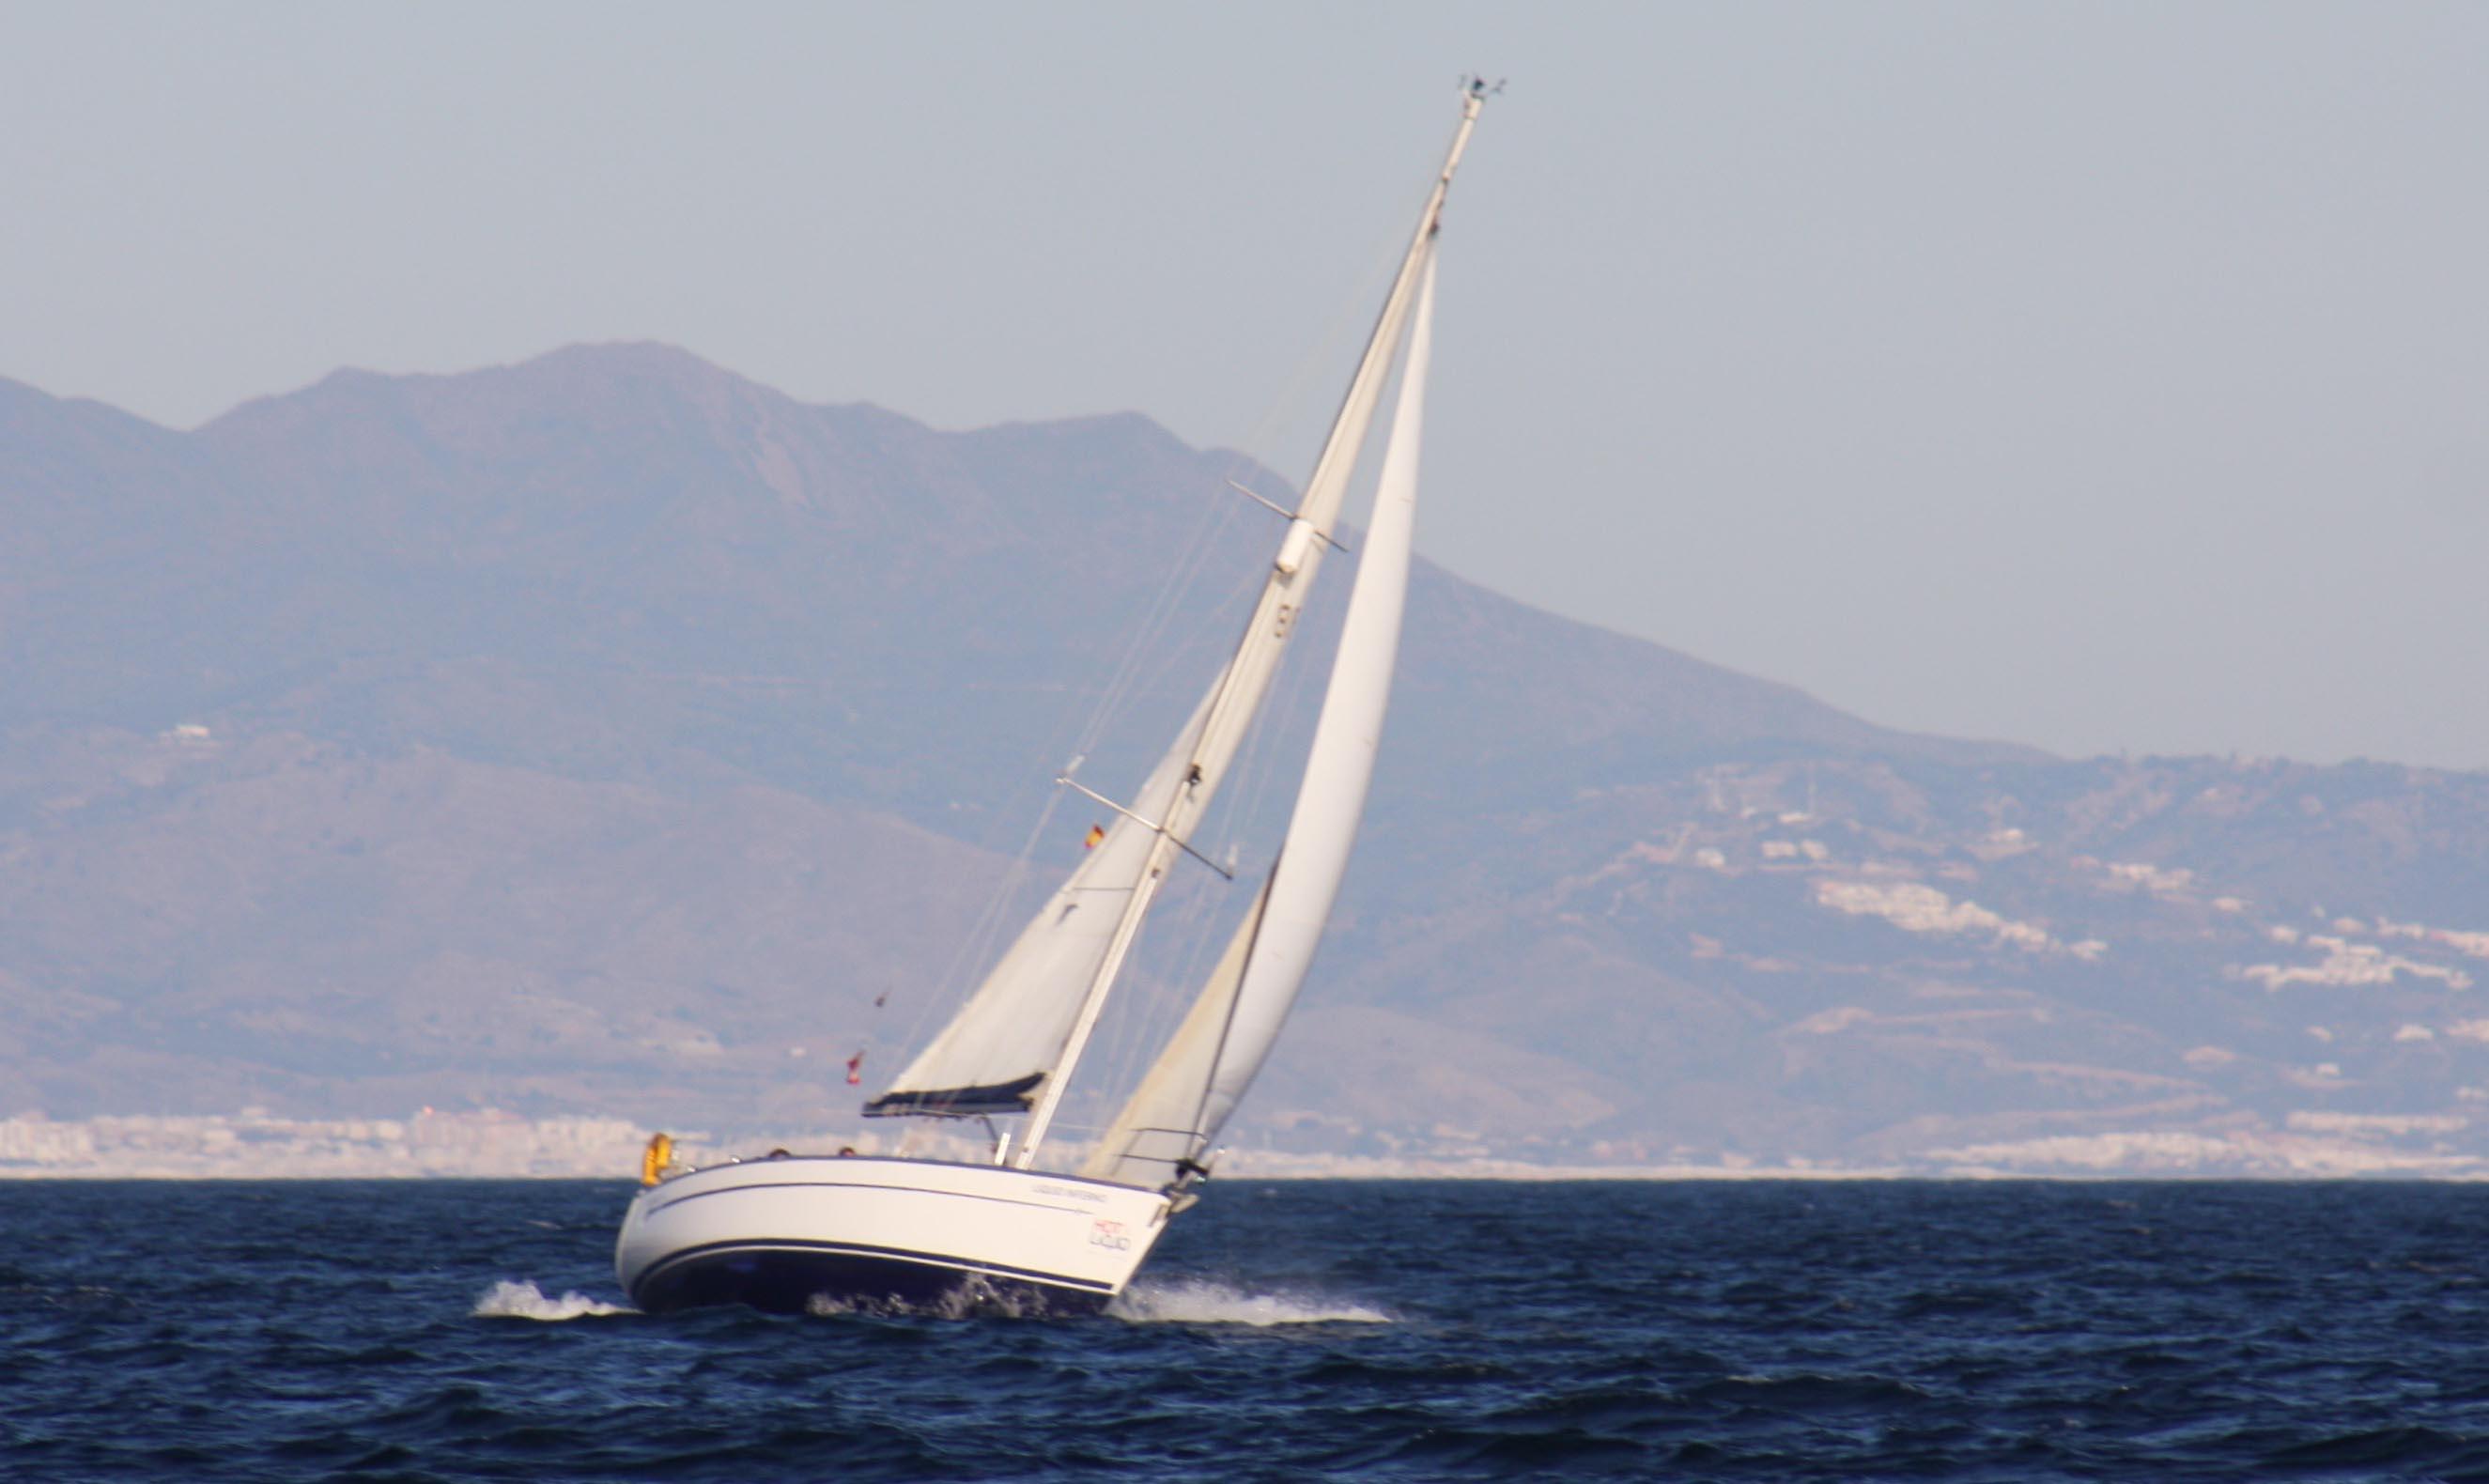 """Todo buque con matricula """"D"""" que se refiere al uso deportivo o recreacional, no puede navegar hasta nuevo aviso"""